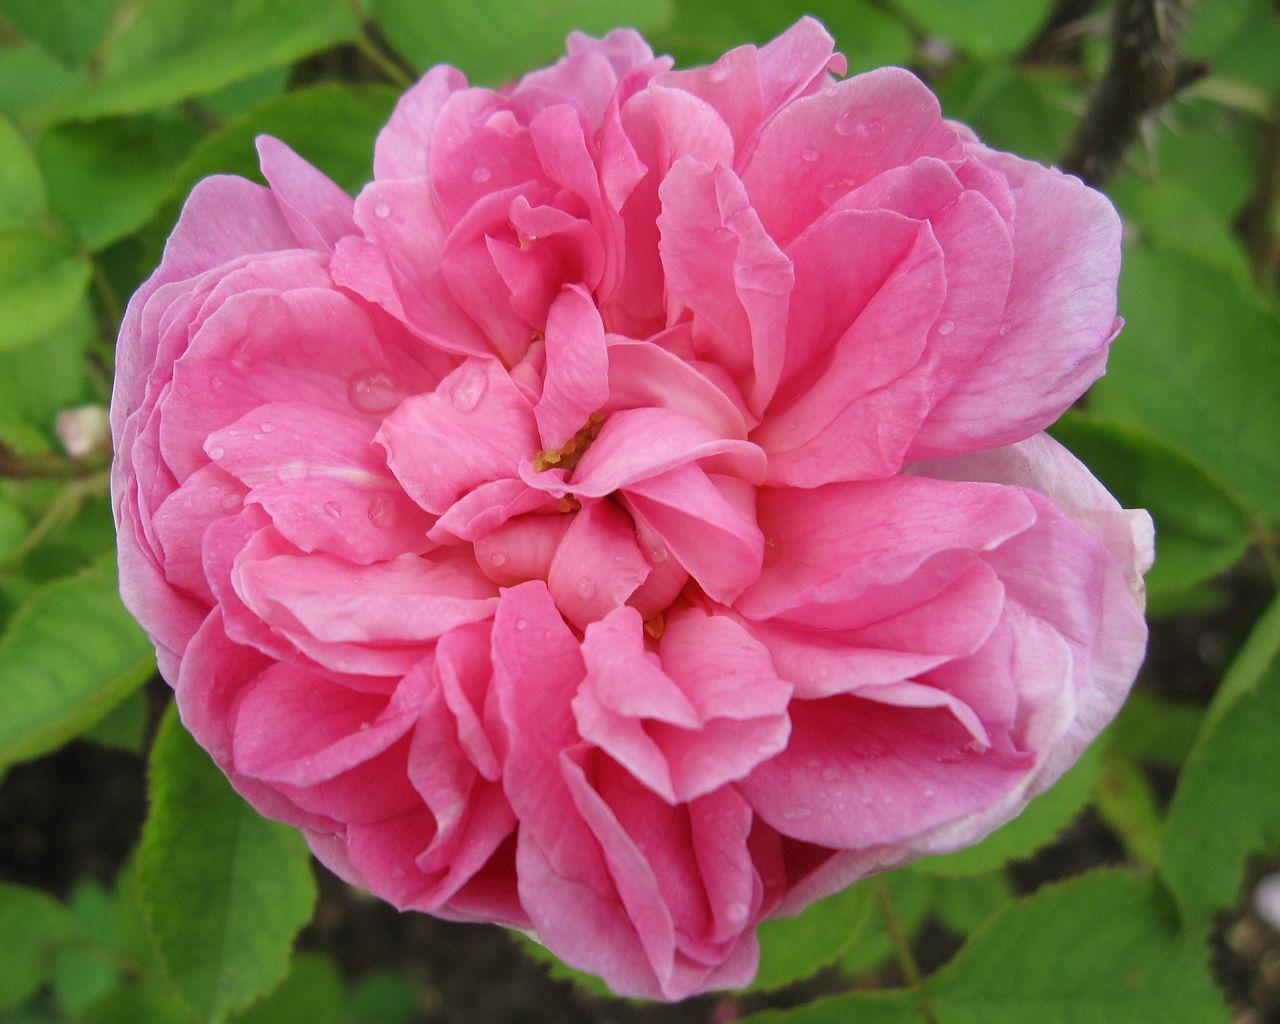 salet est la r f rence de la rose ancienne capiteuse et romantique exhalant un fort parfum. Black Bedroom Furniture Sets. Home Design Ideas